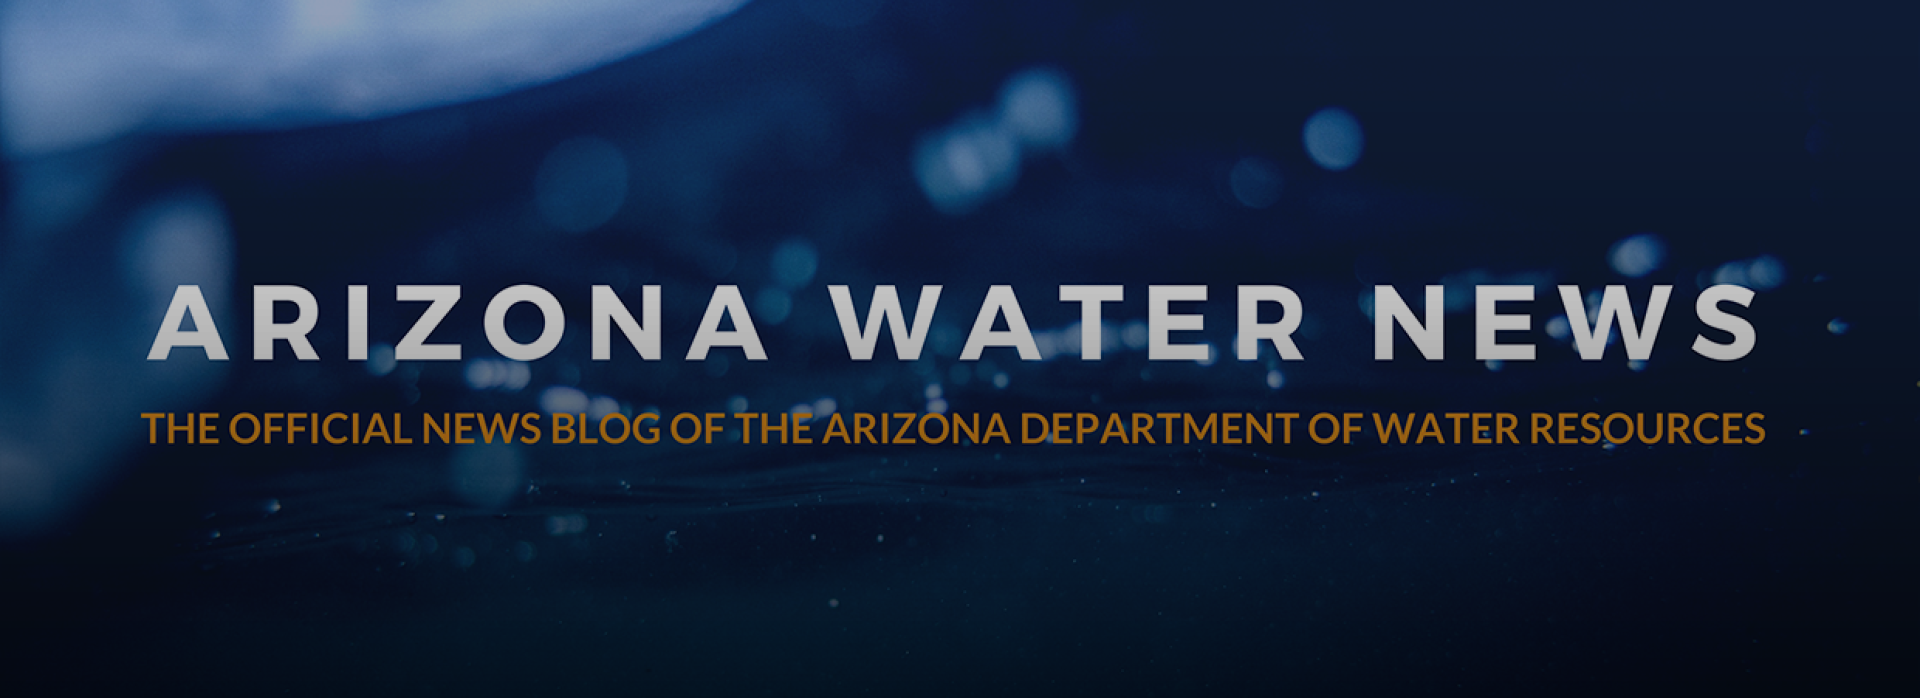 AZ Water News Blog